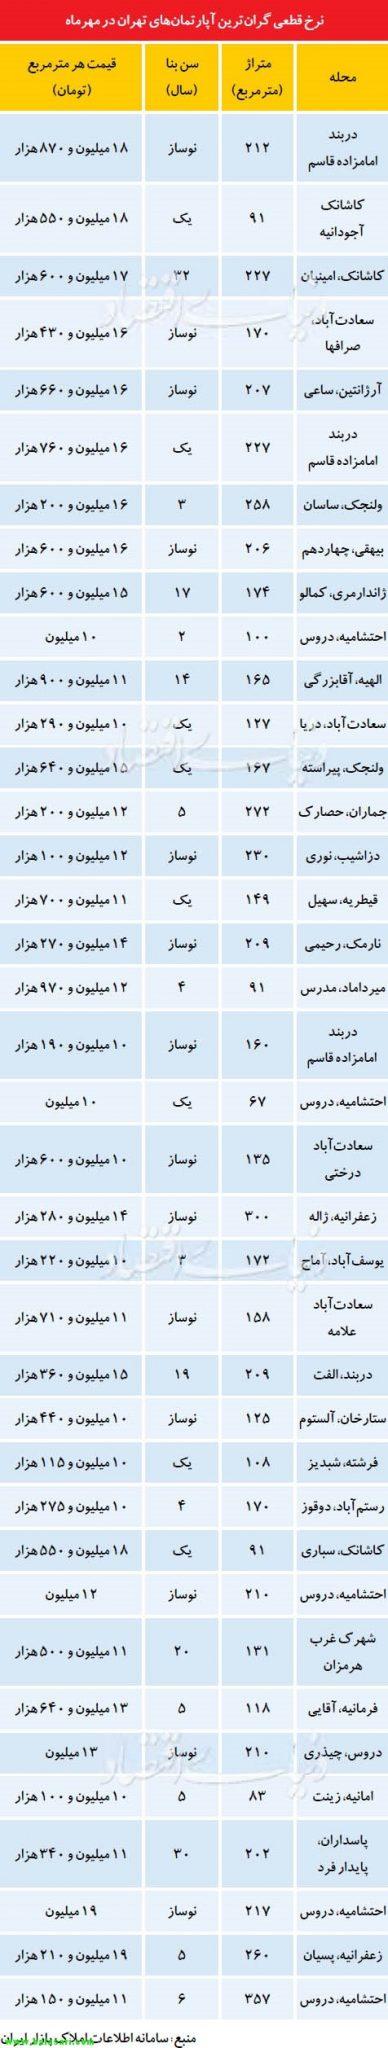 فهرستی از گران قیمت ترین آپارتمانهای تازه به فروش رفته تهران